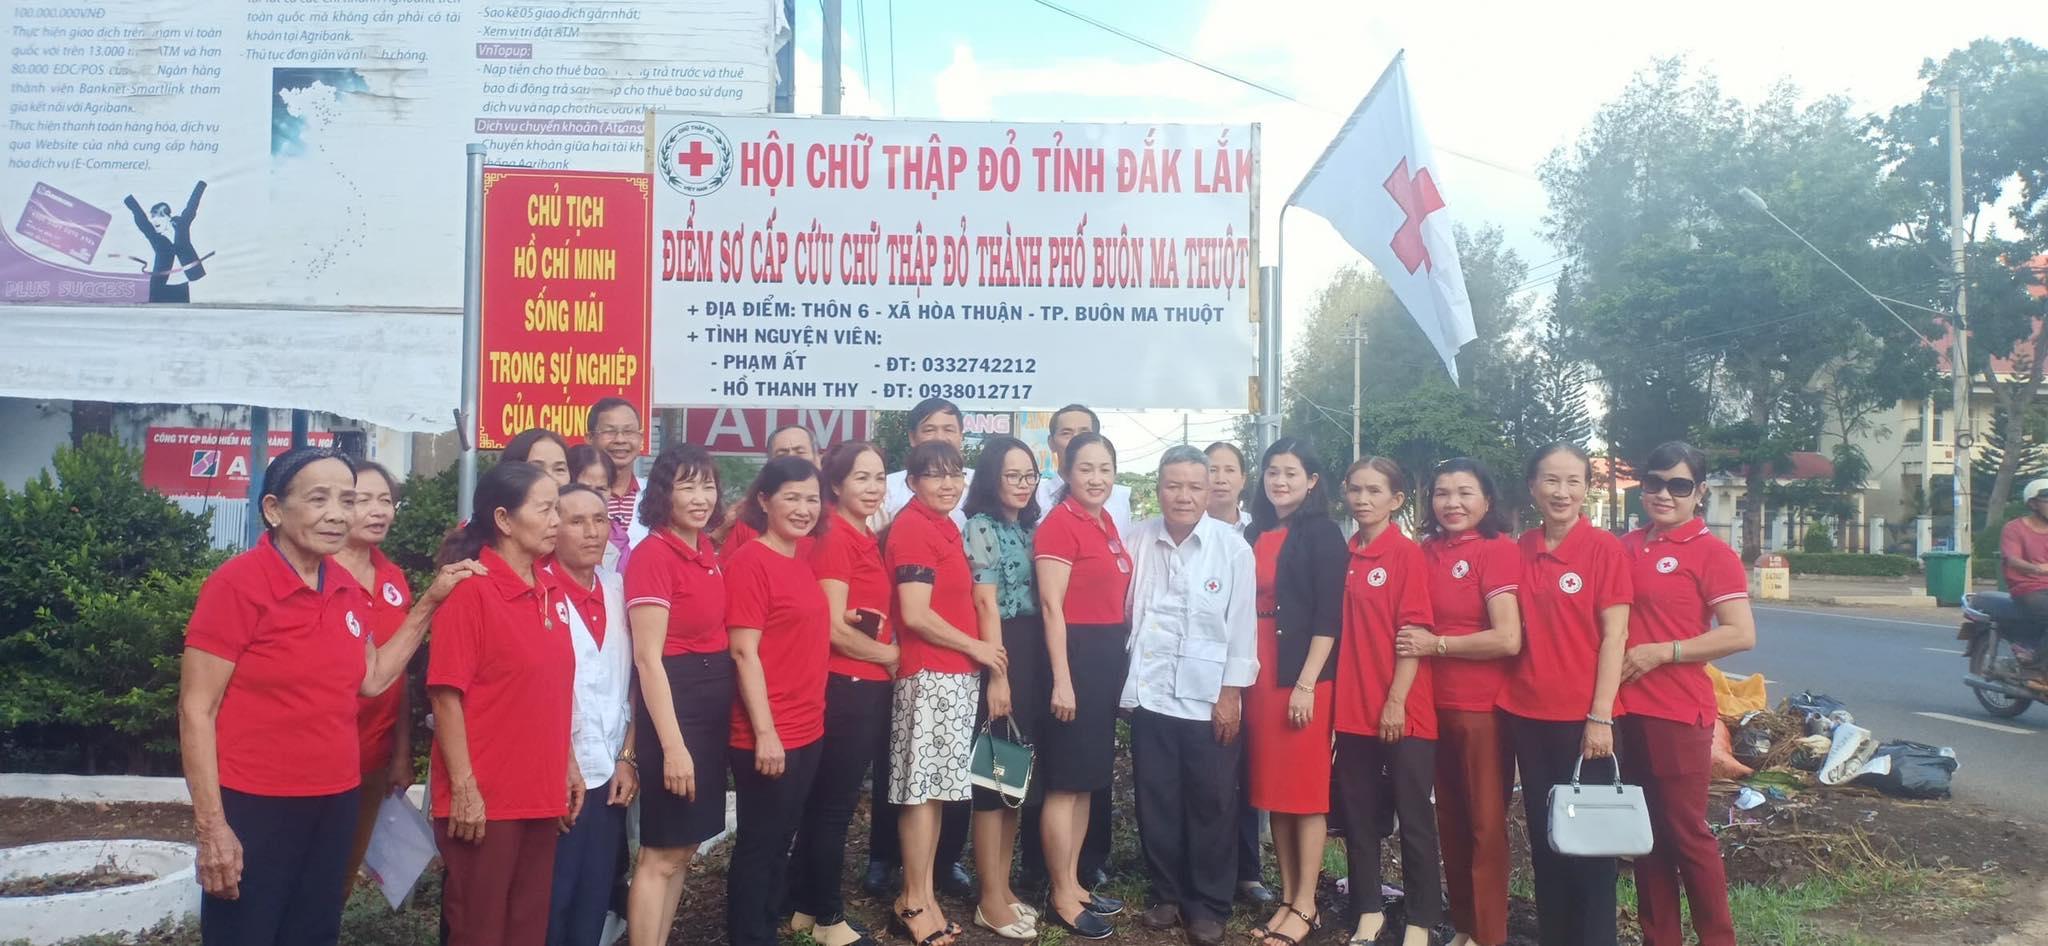 Ra mắt Điểm sơ cấp cứu Chữ thập đỏ tại Km 12, quốc lộ 14, xã Hoà Thuận